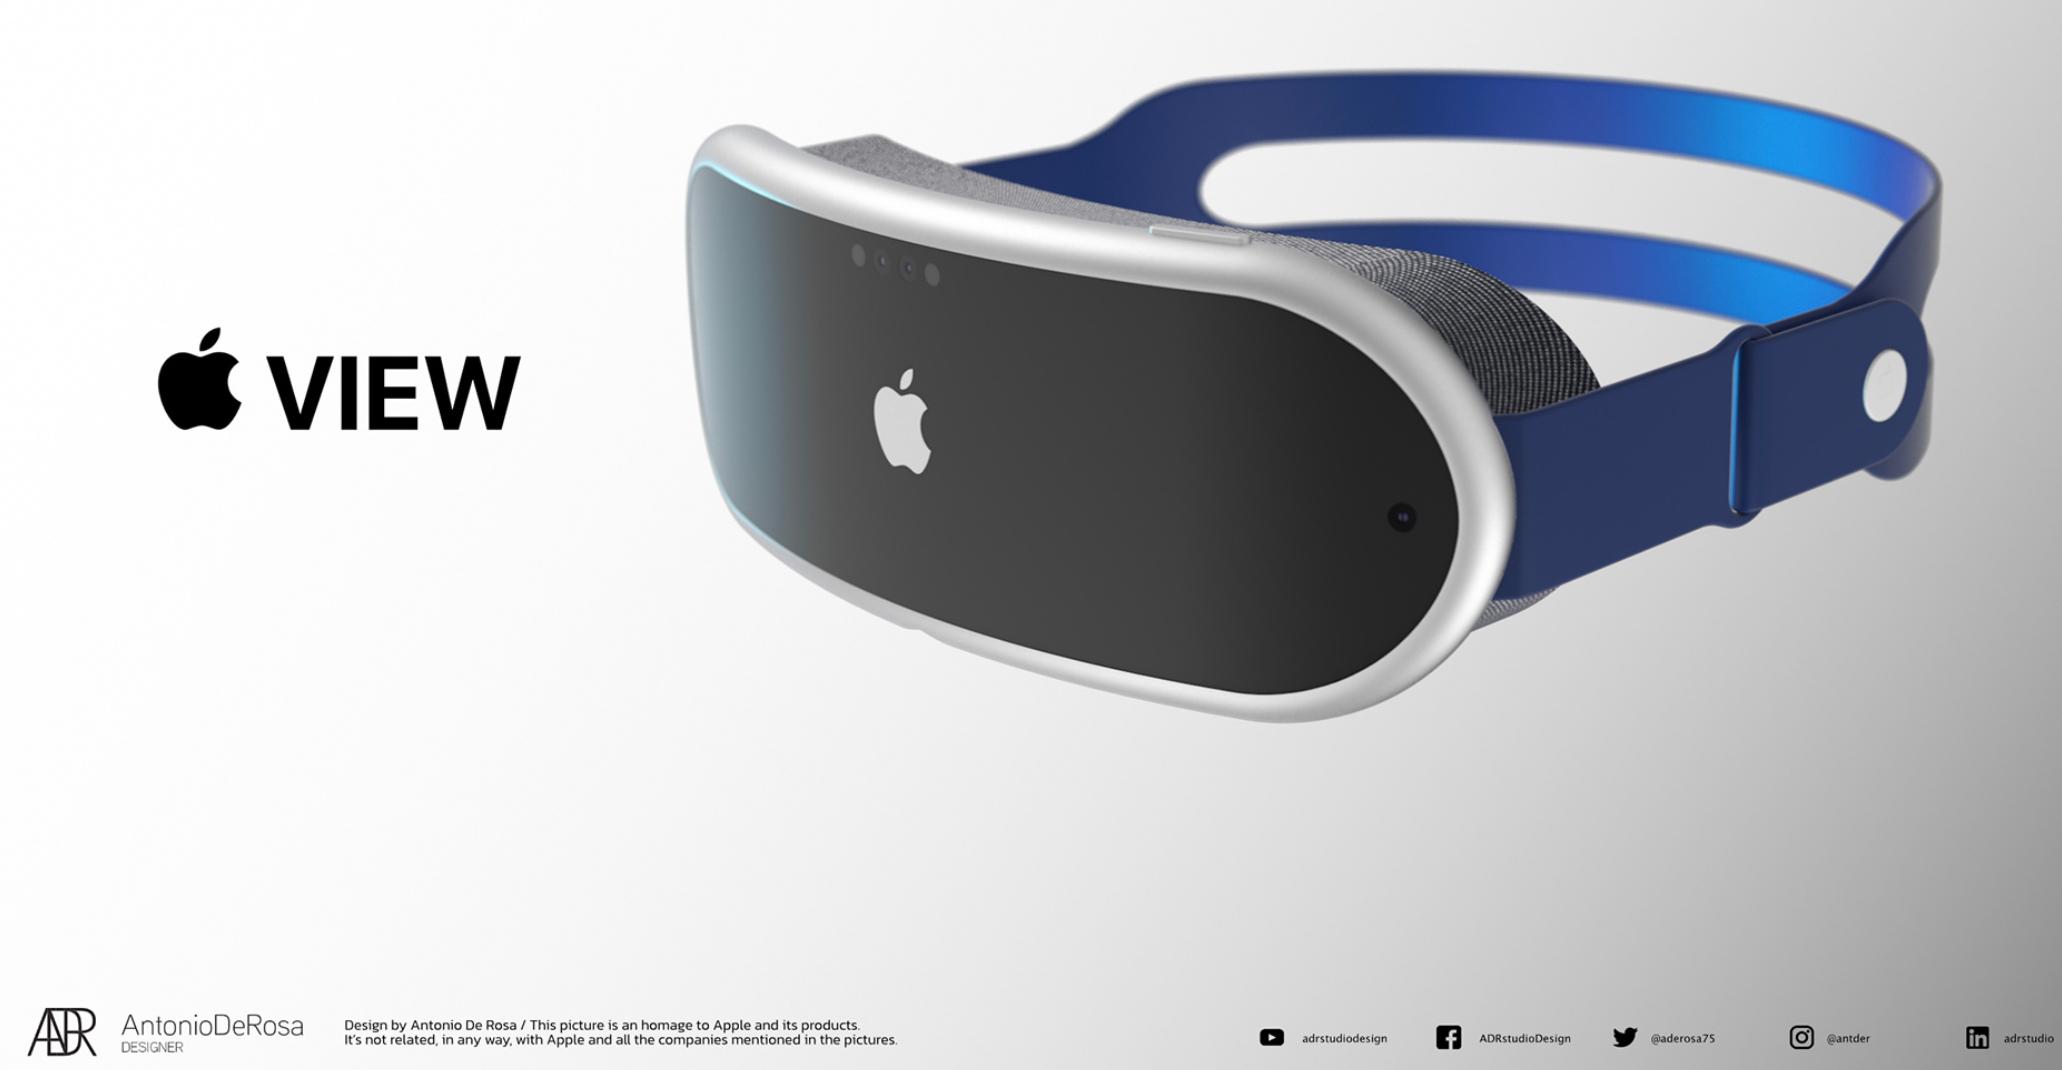 L'Apple View donne une idée de ce que pourrait proposer le futur casque RV d'Apple - crédits Antonio de Rosa